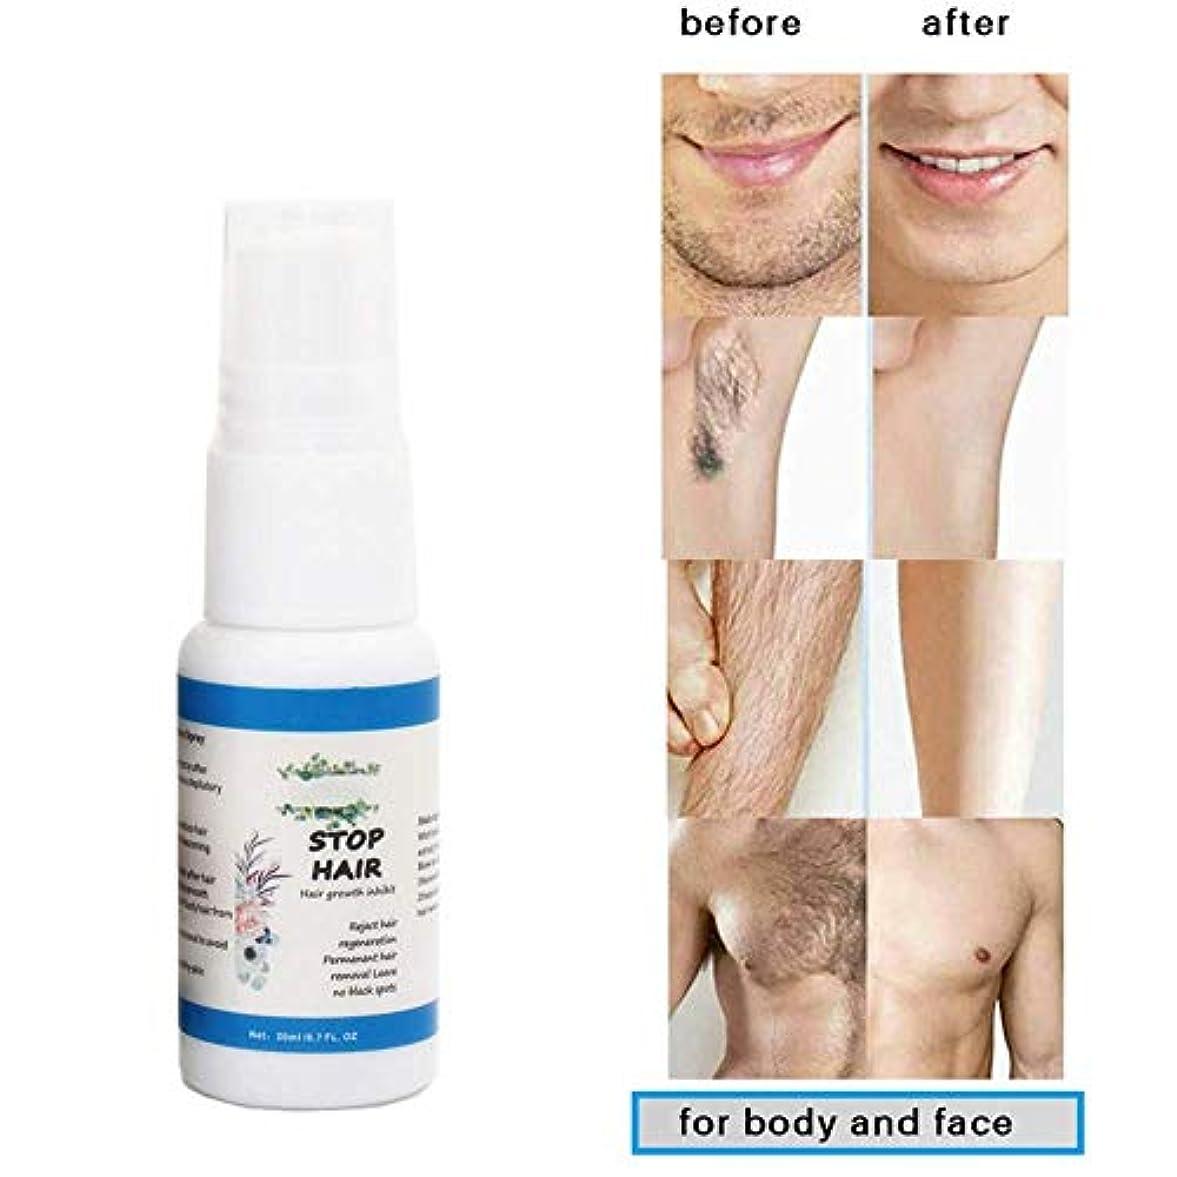 ロバ満足圧縮する脱毛スプレー阻害剤発毛血清発毛除去を防ぎます修理脱毛剤製品ナチュラル非刺激栄養毛穴シュリンク20ml